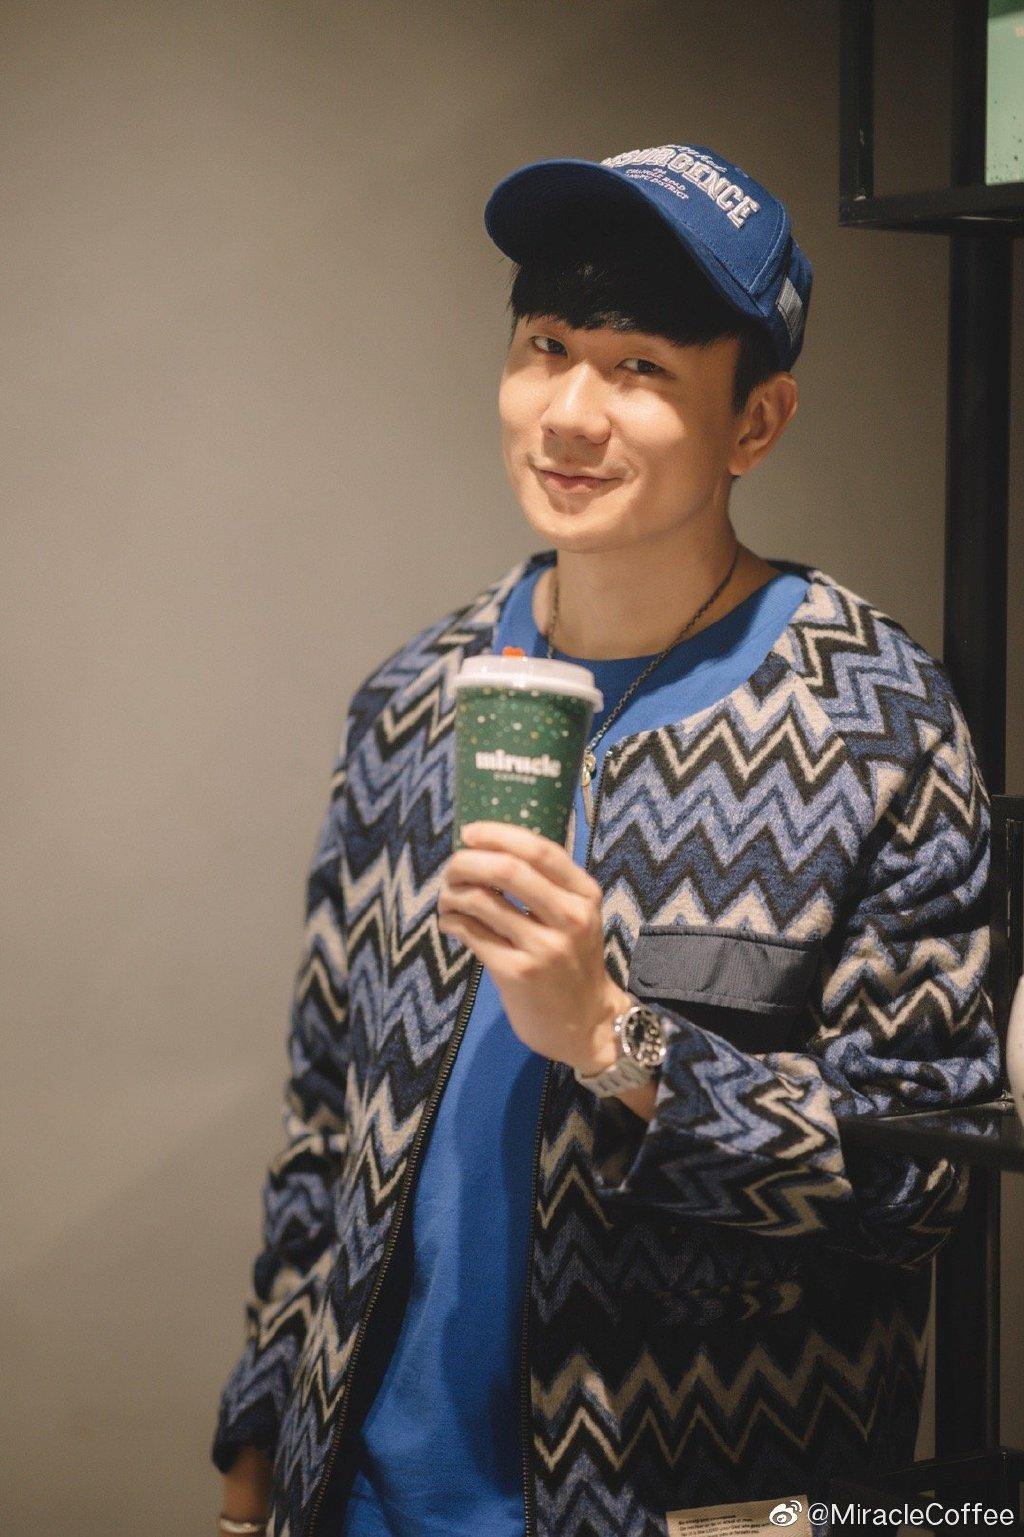 林俊杰、周杰伦、王俊凯……这些明星饮品店你打卡过吗?_奶茶店